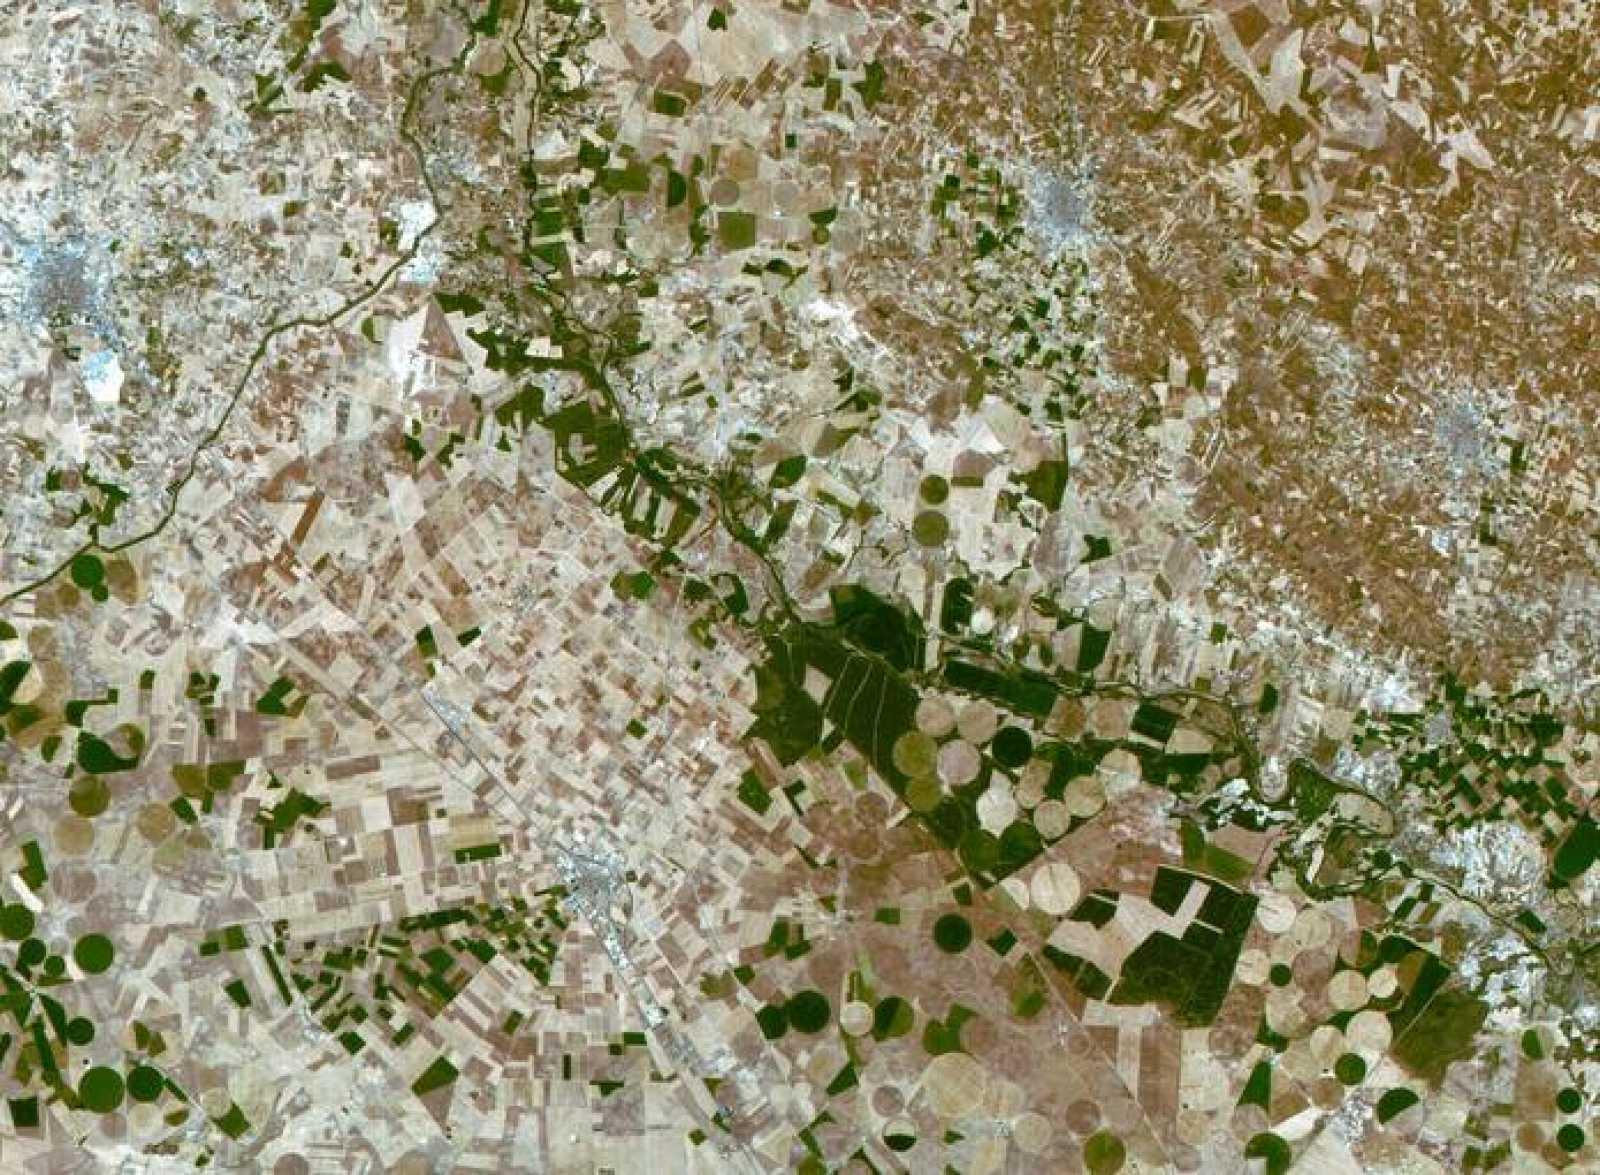 En la imagen aparecen los campos de Castilla-La Mancha y se aprecian plantaciones agrícolas, la localidad albaceteña de La Roda y el río Júcar.